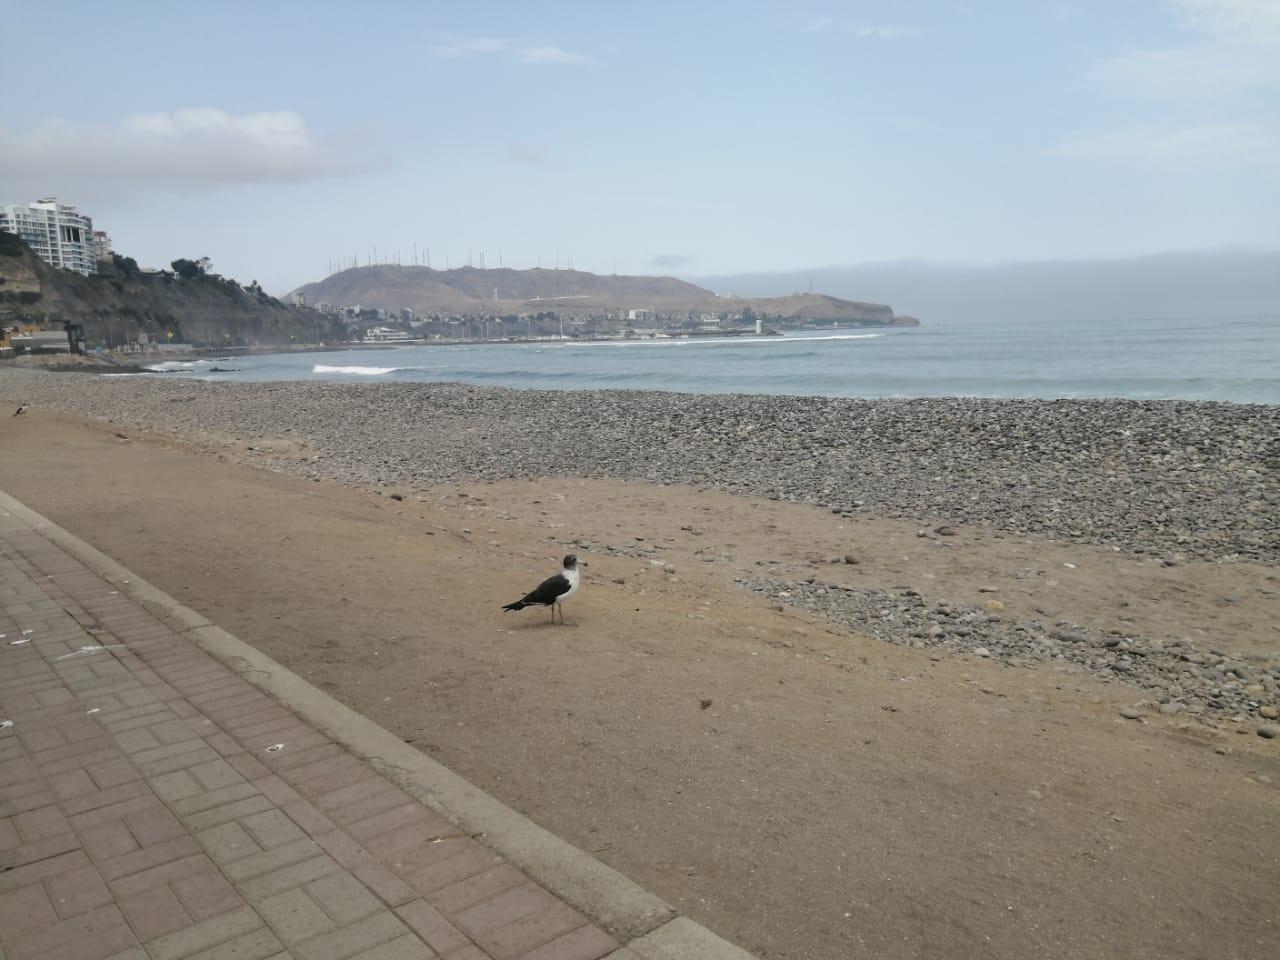 Una de las encargadas de la limpieza pública indicó a RPP Noticias que las plumas y desperdicios de aves se ha incrementado en estos días.